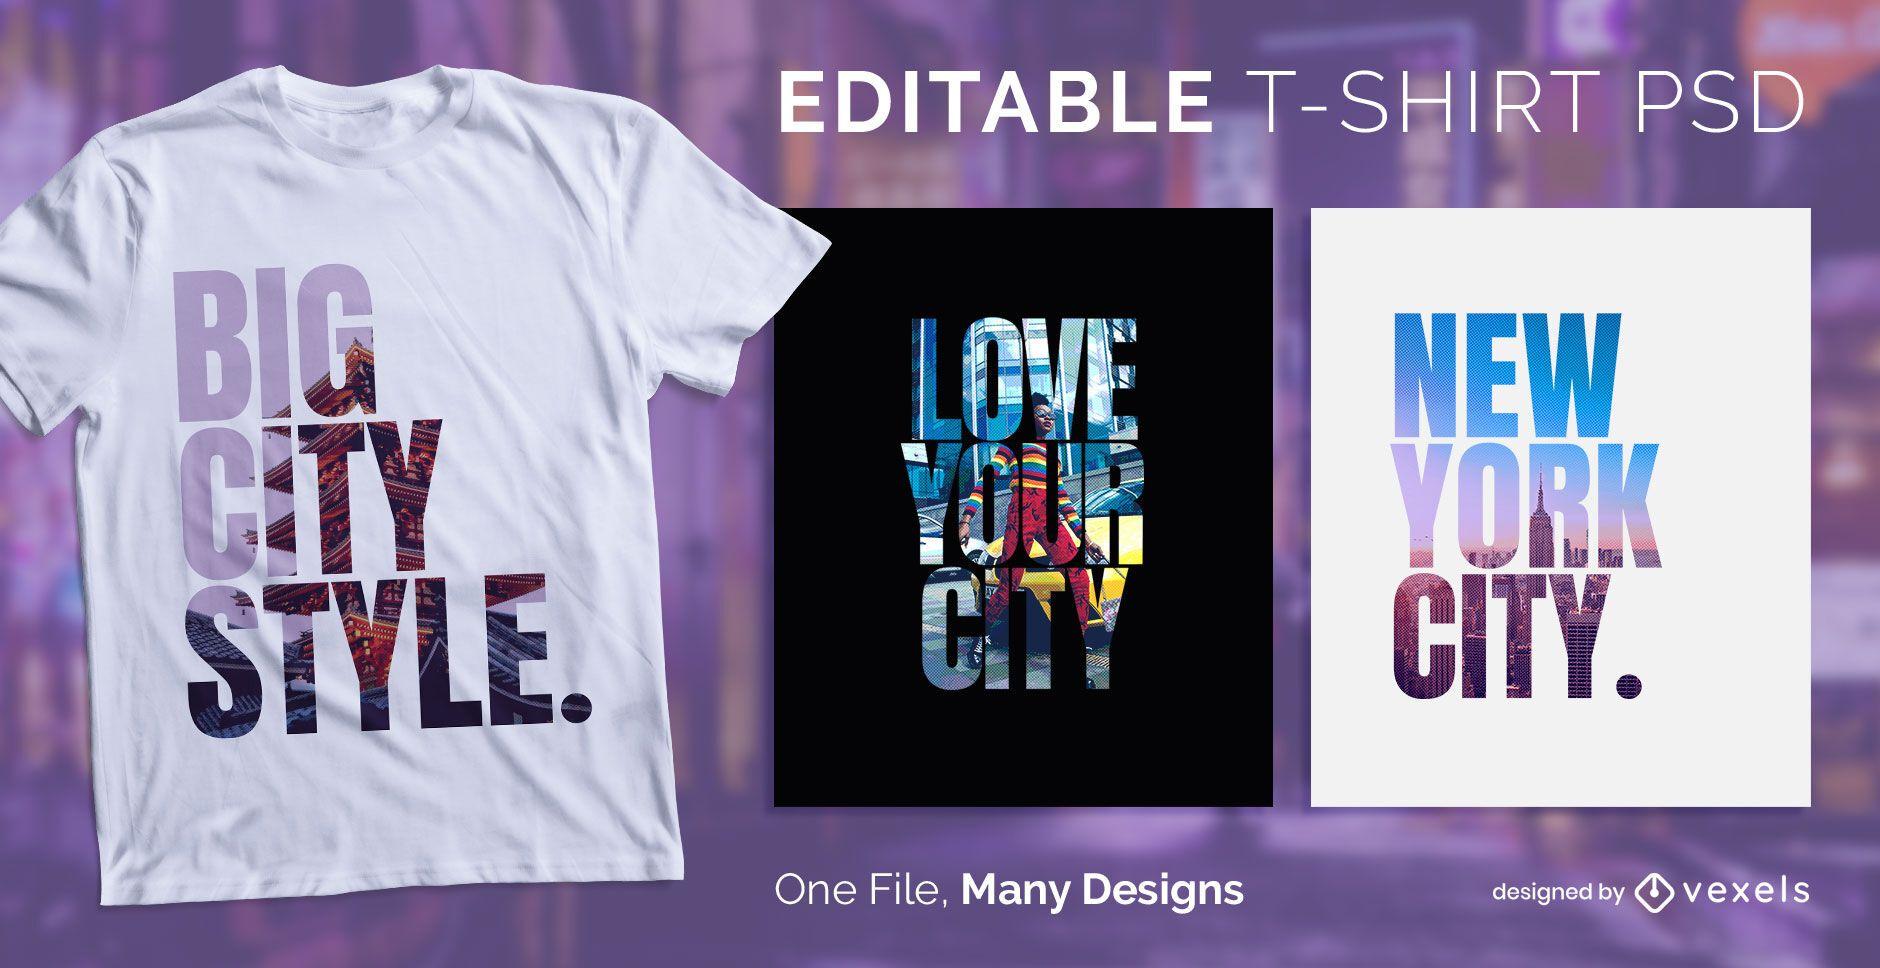 Big City Text T-shirt Design PSD